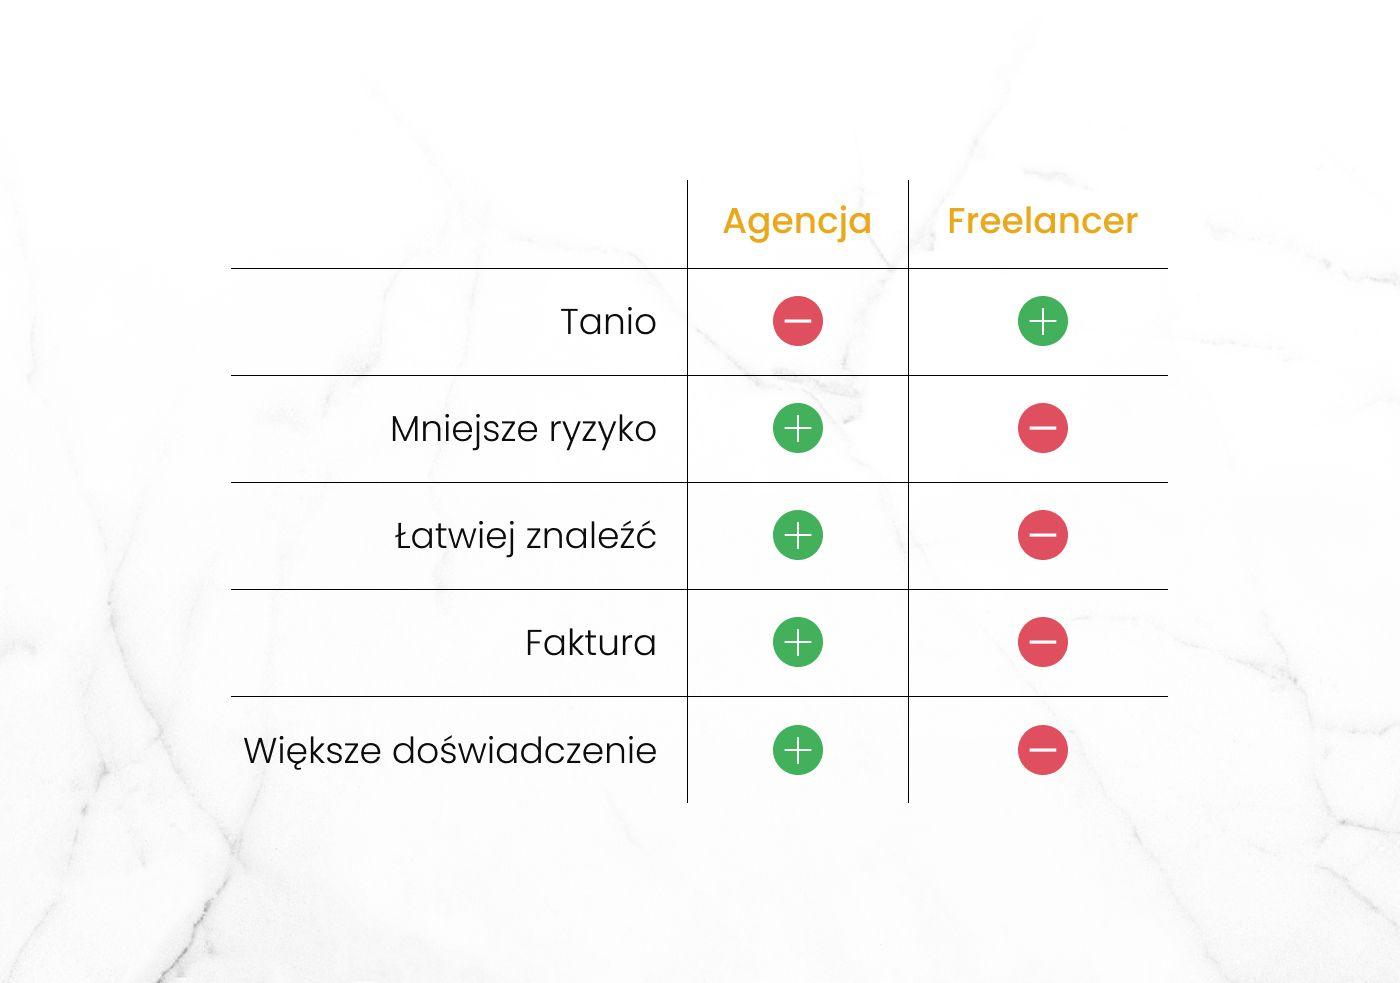 Porównanie agencji i freelancera